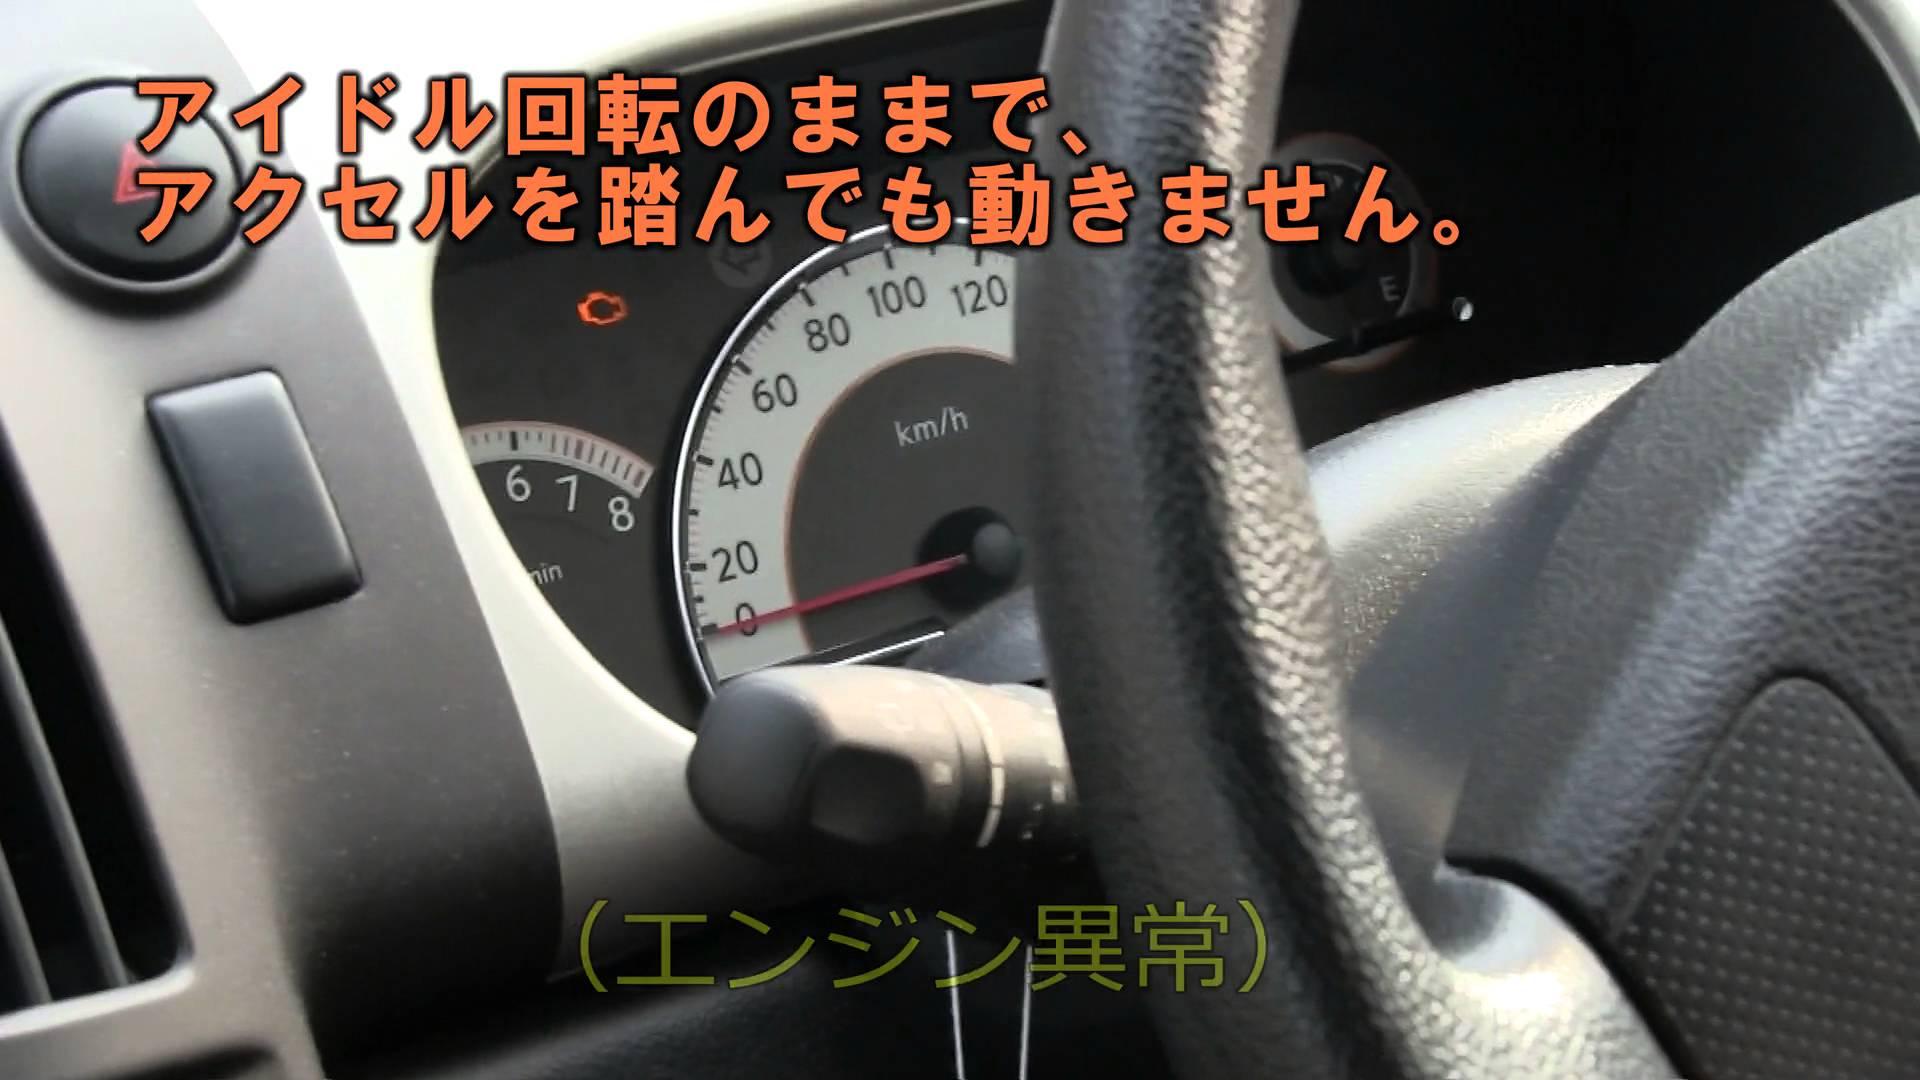 車が突然止まる「電子制御スロットル」故障の恐怖(実映像+再現映像)